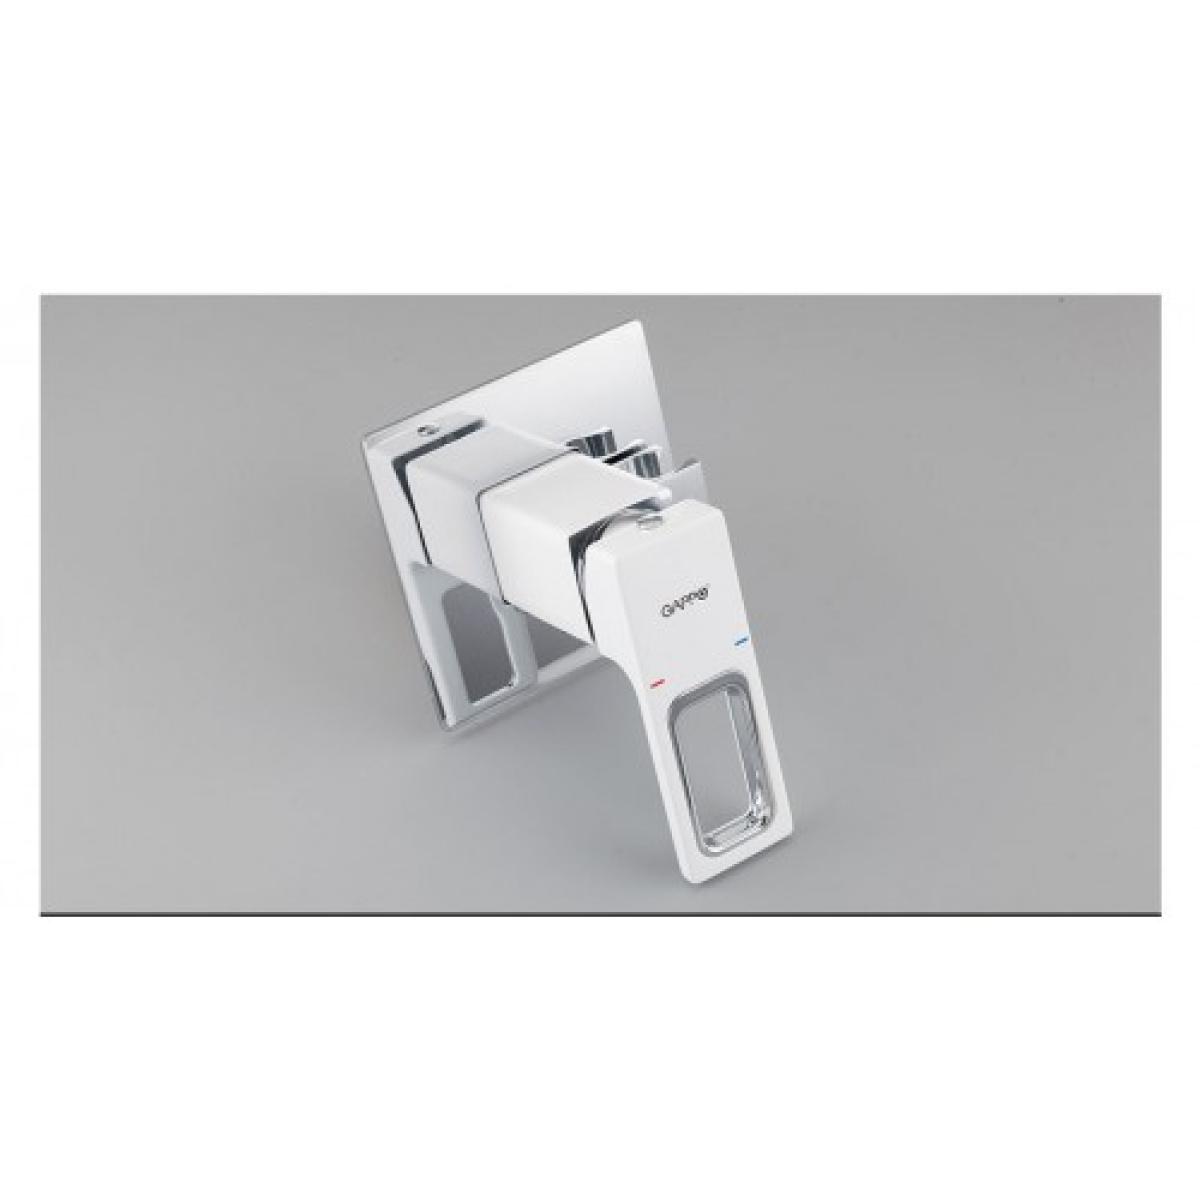 Встроенный гигиенический душ белый/хром  gappo g7217-8